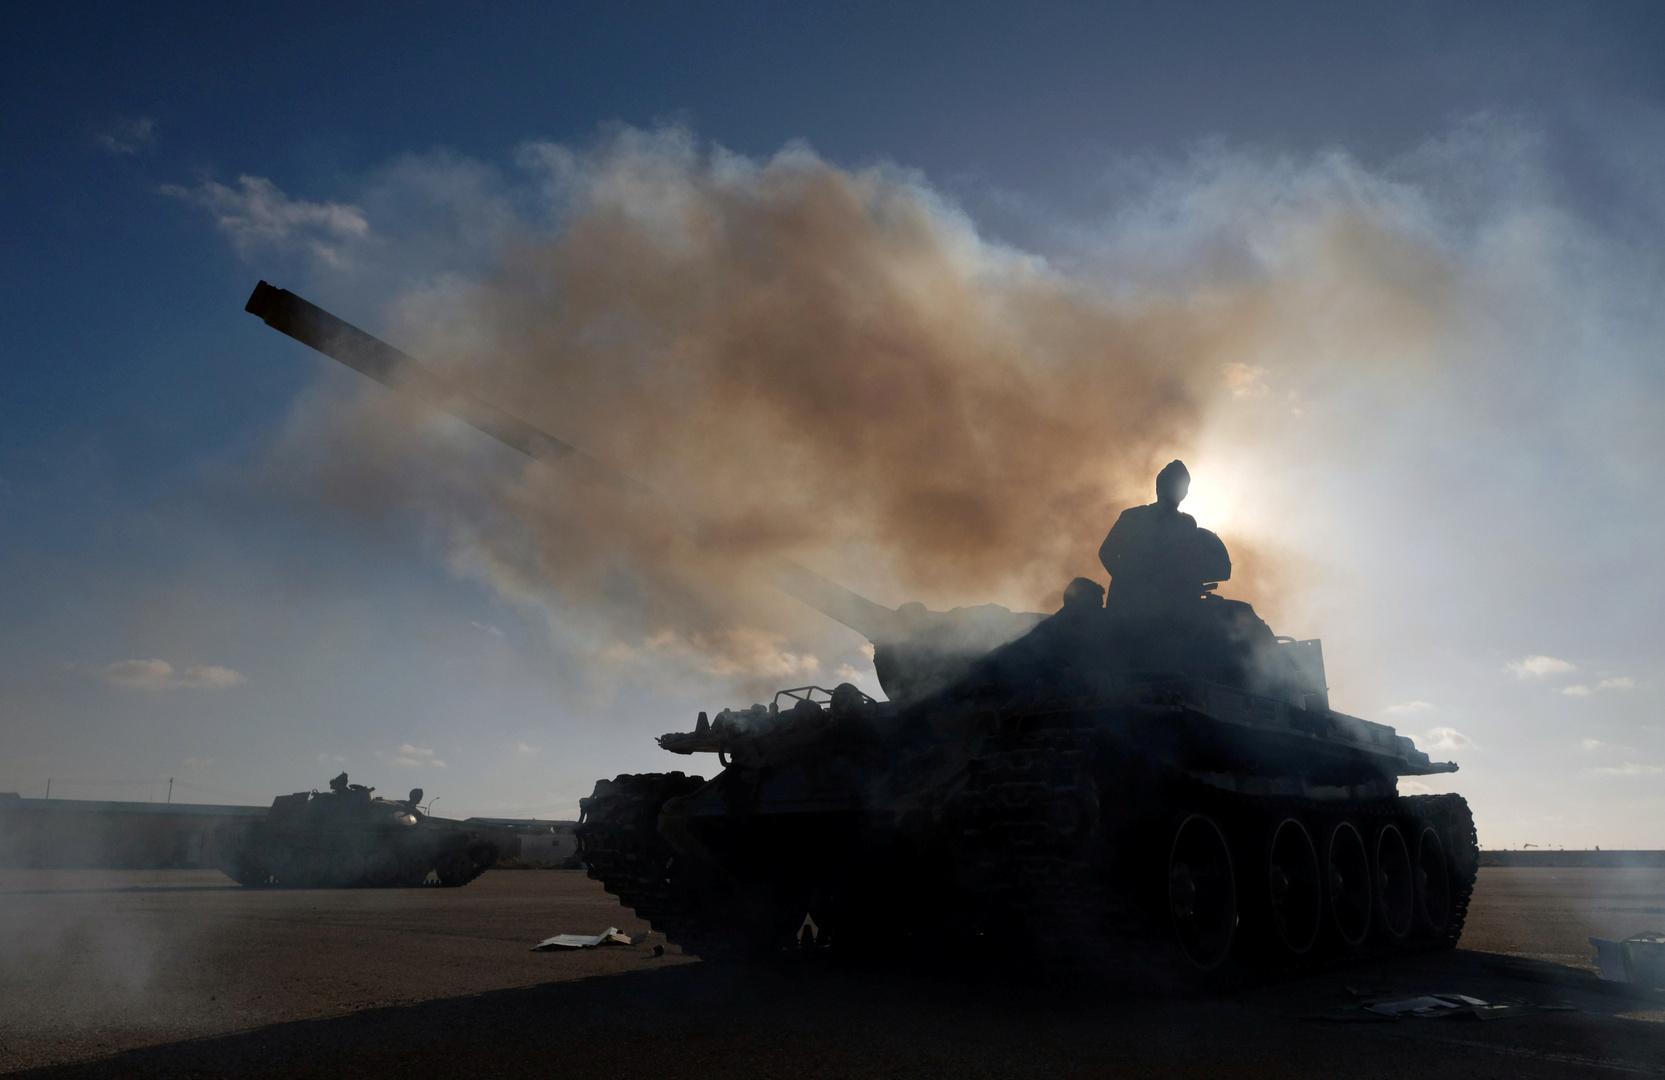 الهجوم على طرابلس مستمر والنتيجة حتمية